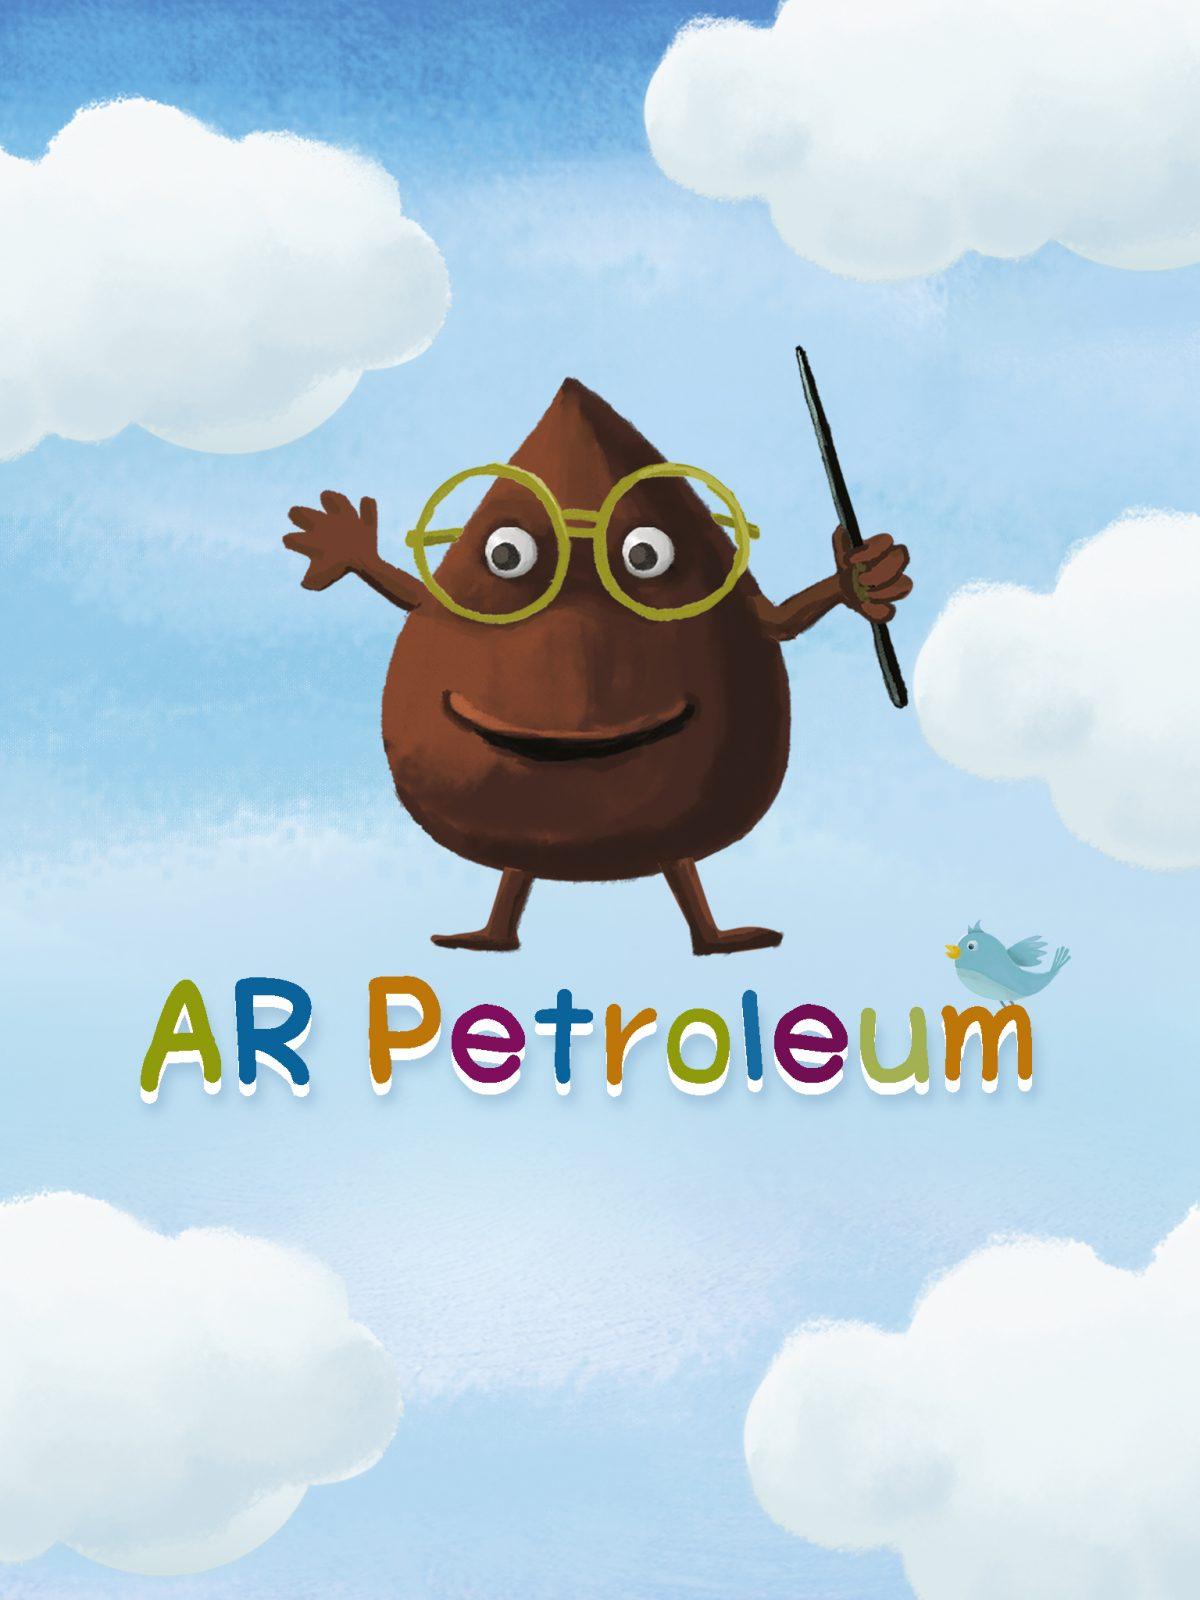 AR CODE : PETROLEUM